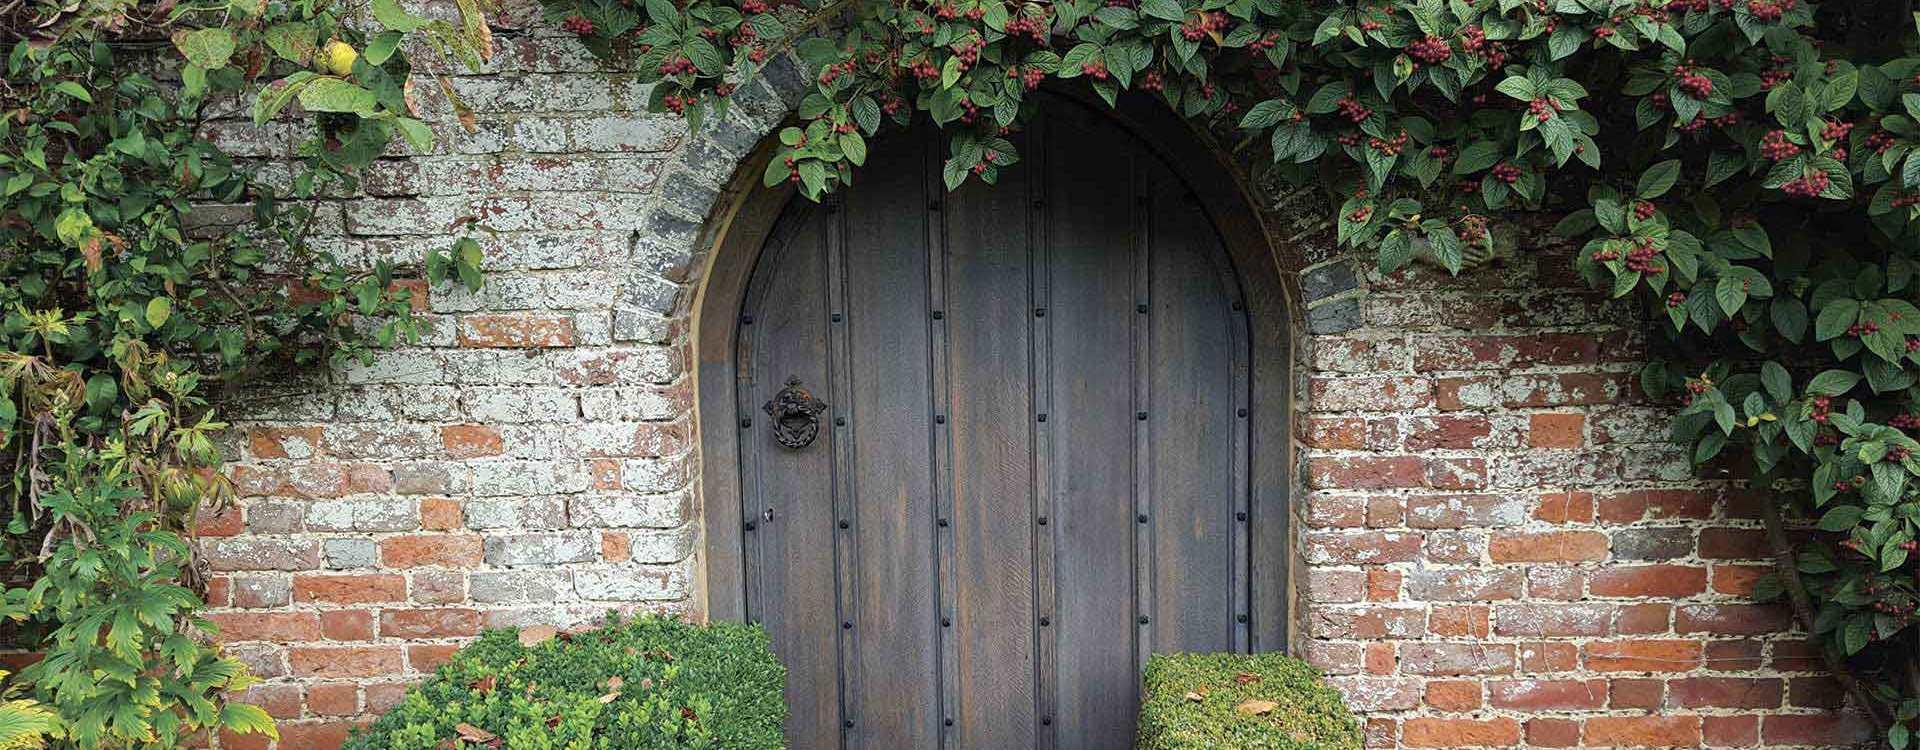 Bespoke English Oak Furniture Handmade To Order In Kent